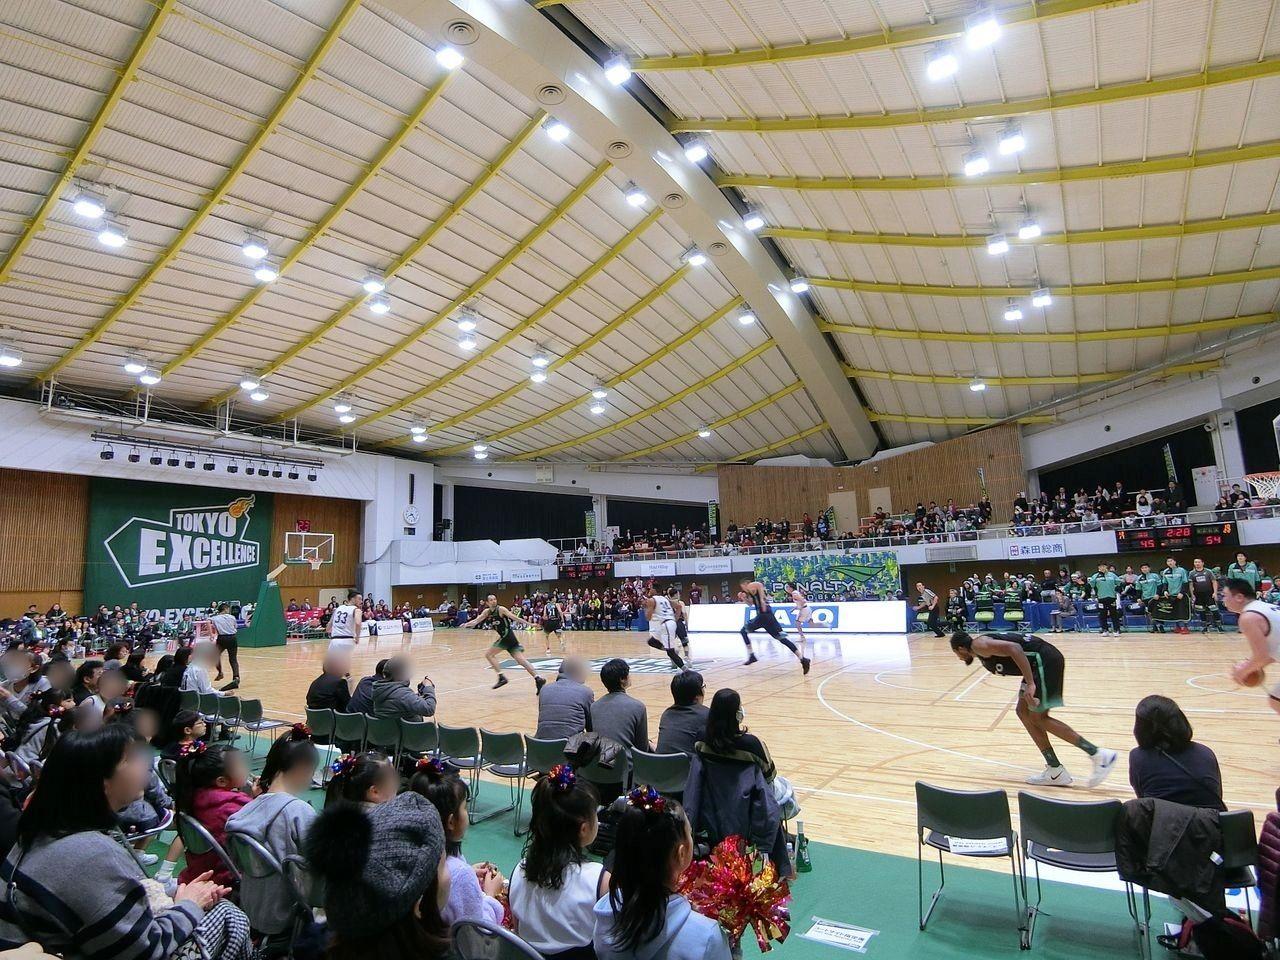 バスケットボールB3リーグ「東京エクセレンス」